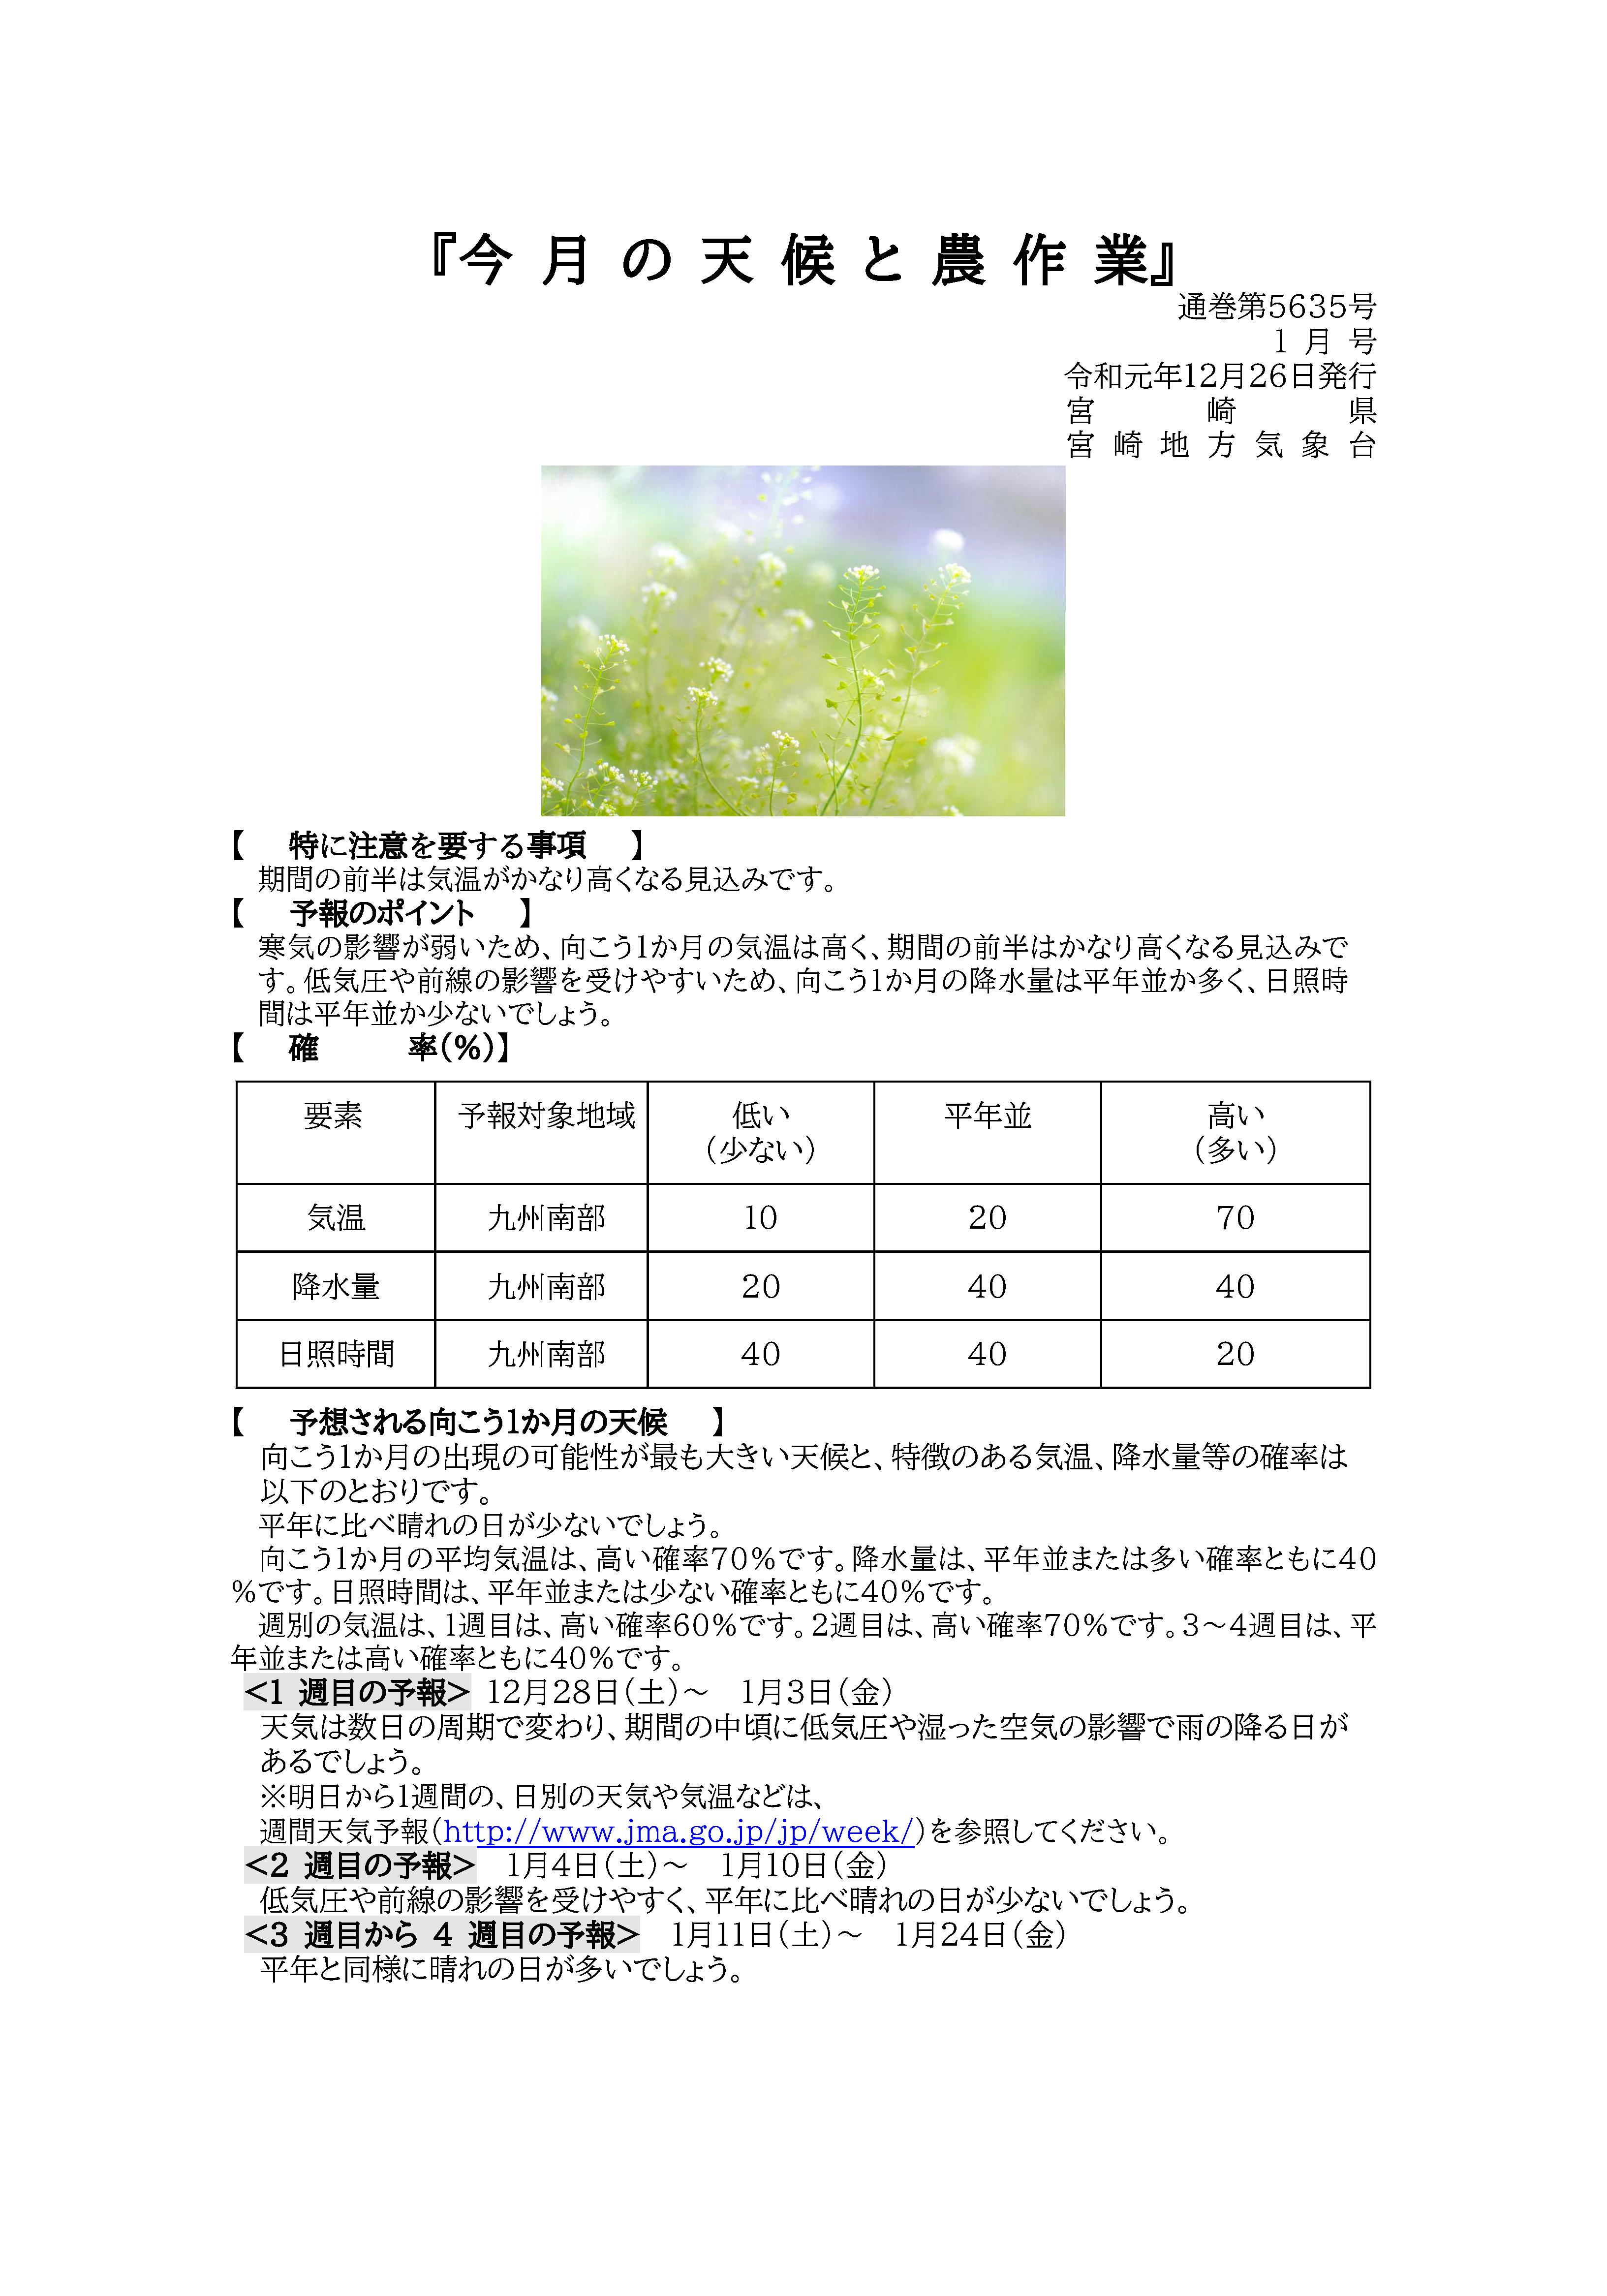 今月の天候と農作業2020年1月版